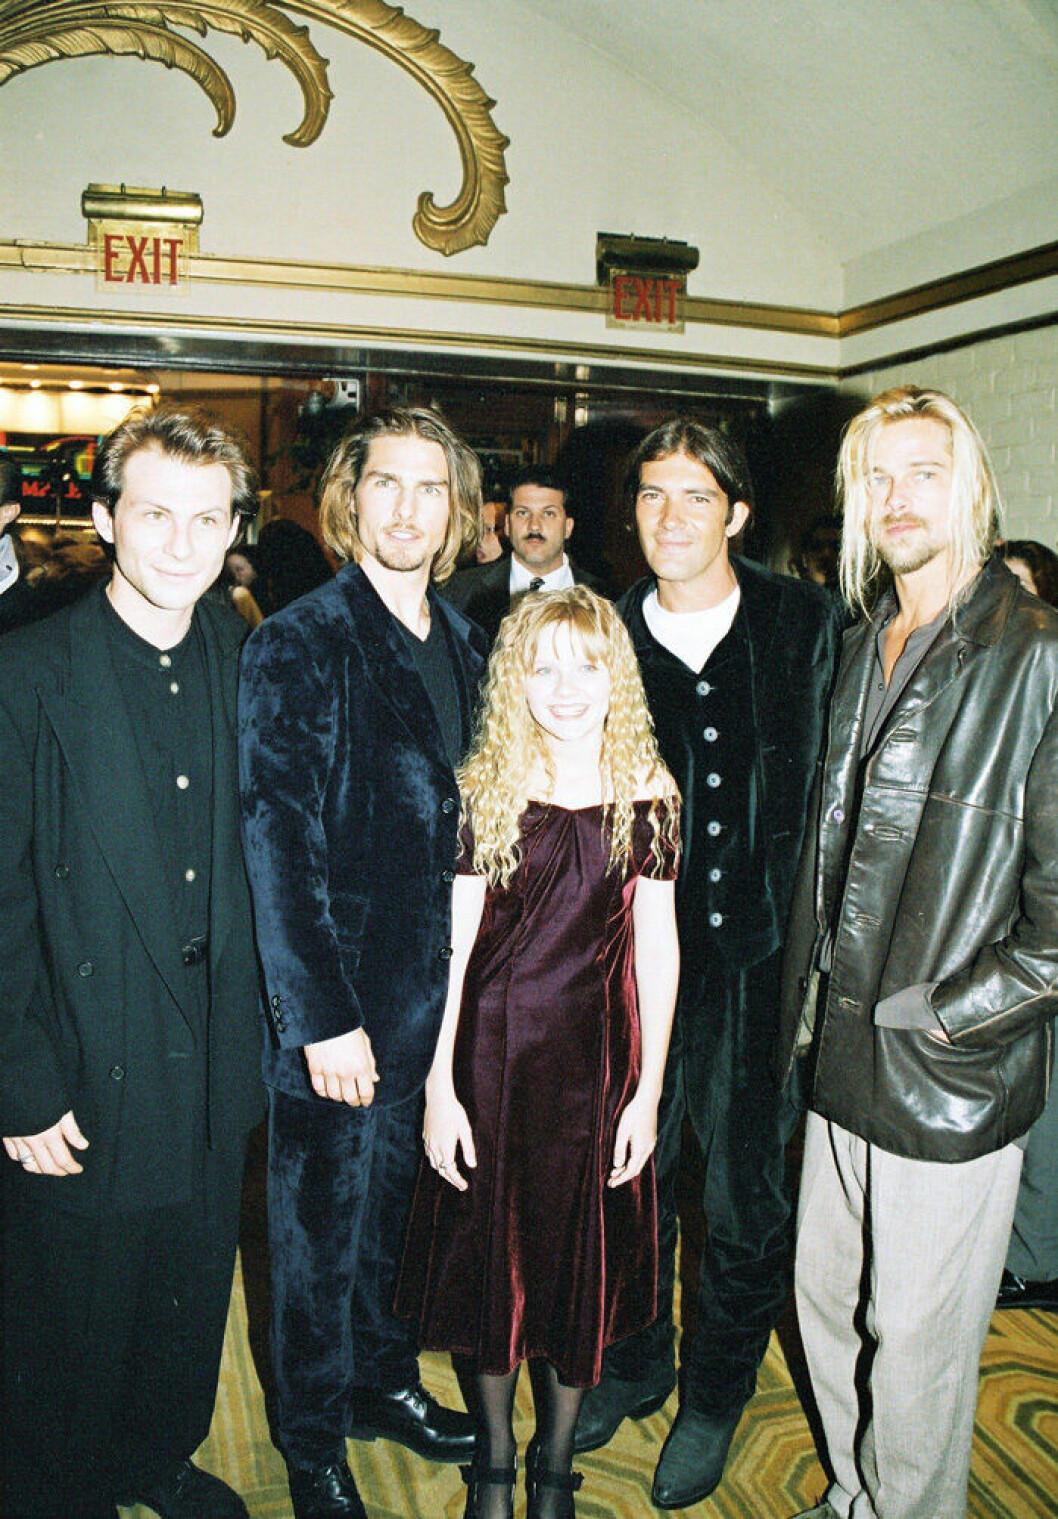 En bild på Christian Slater, Tom Cruise, Antonio Banderas, Brad Pitt och Kirsten Dunst, 1994.